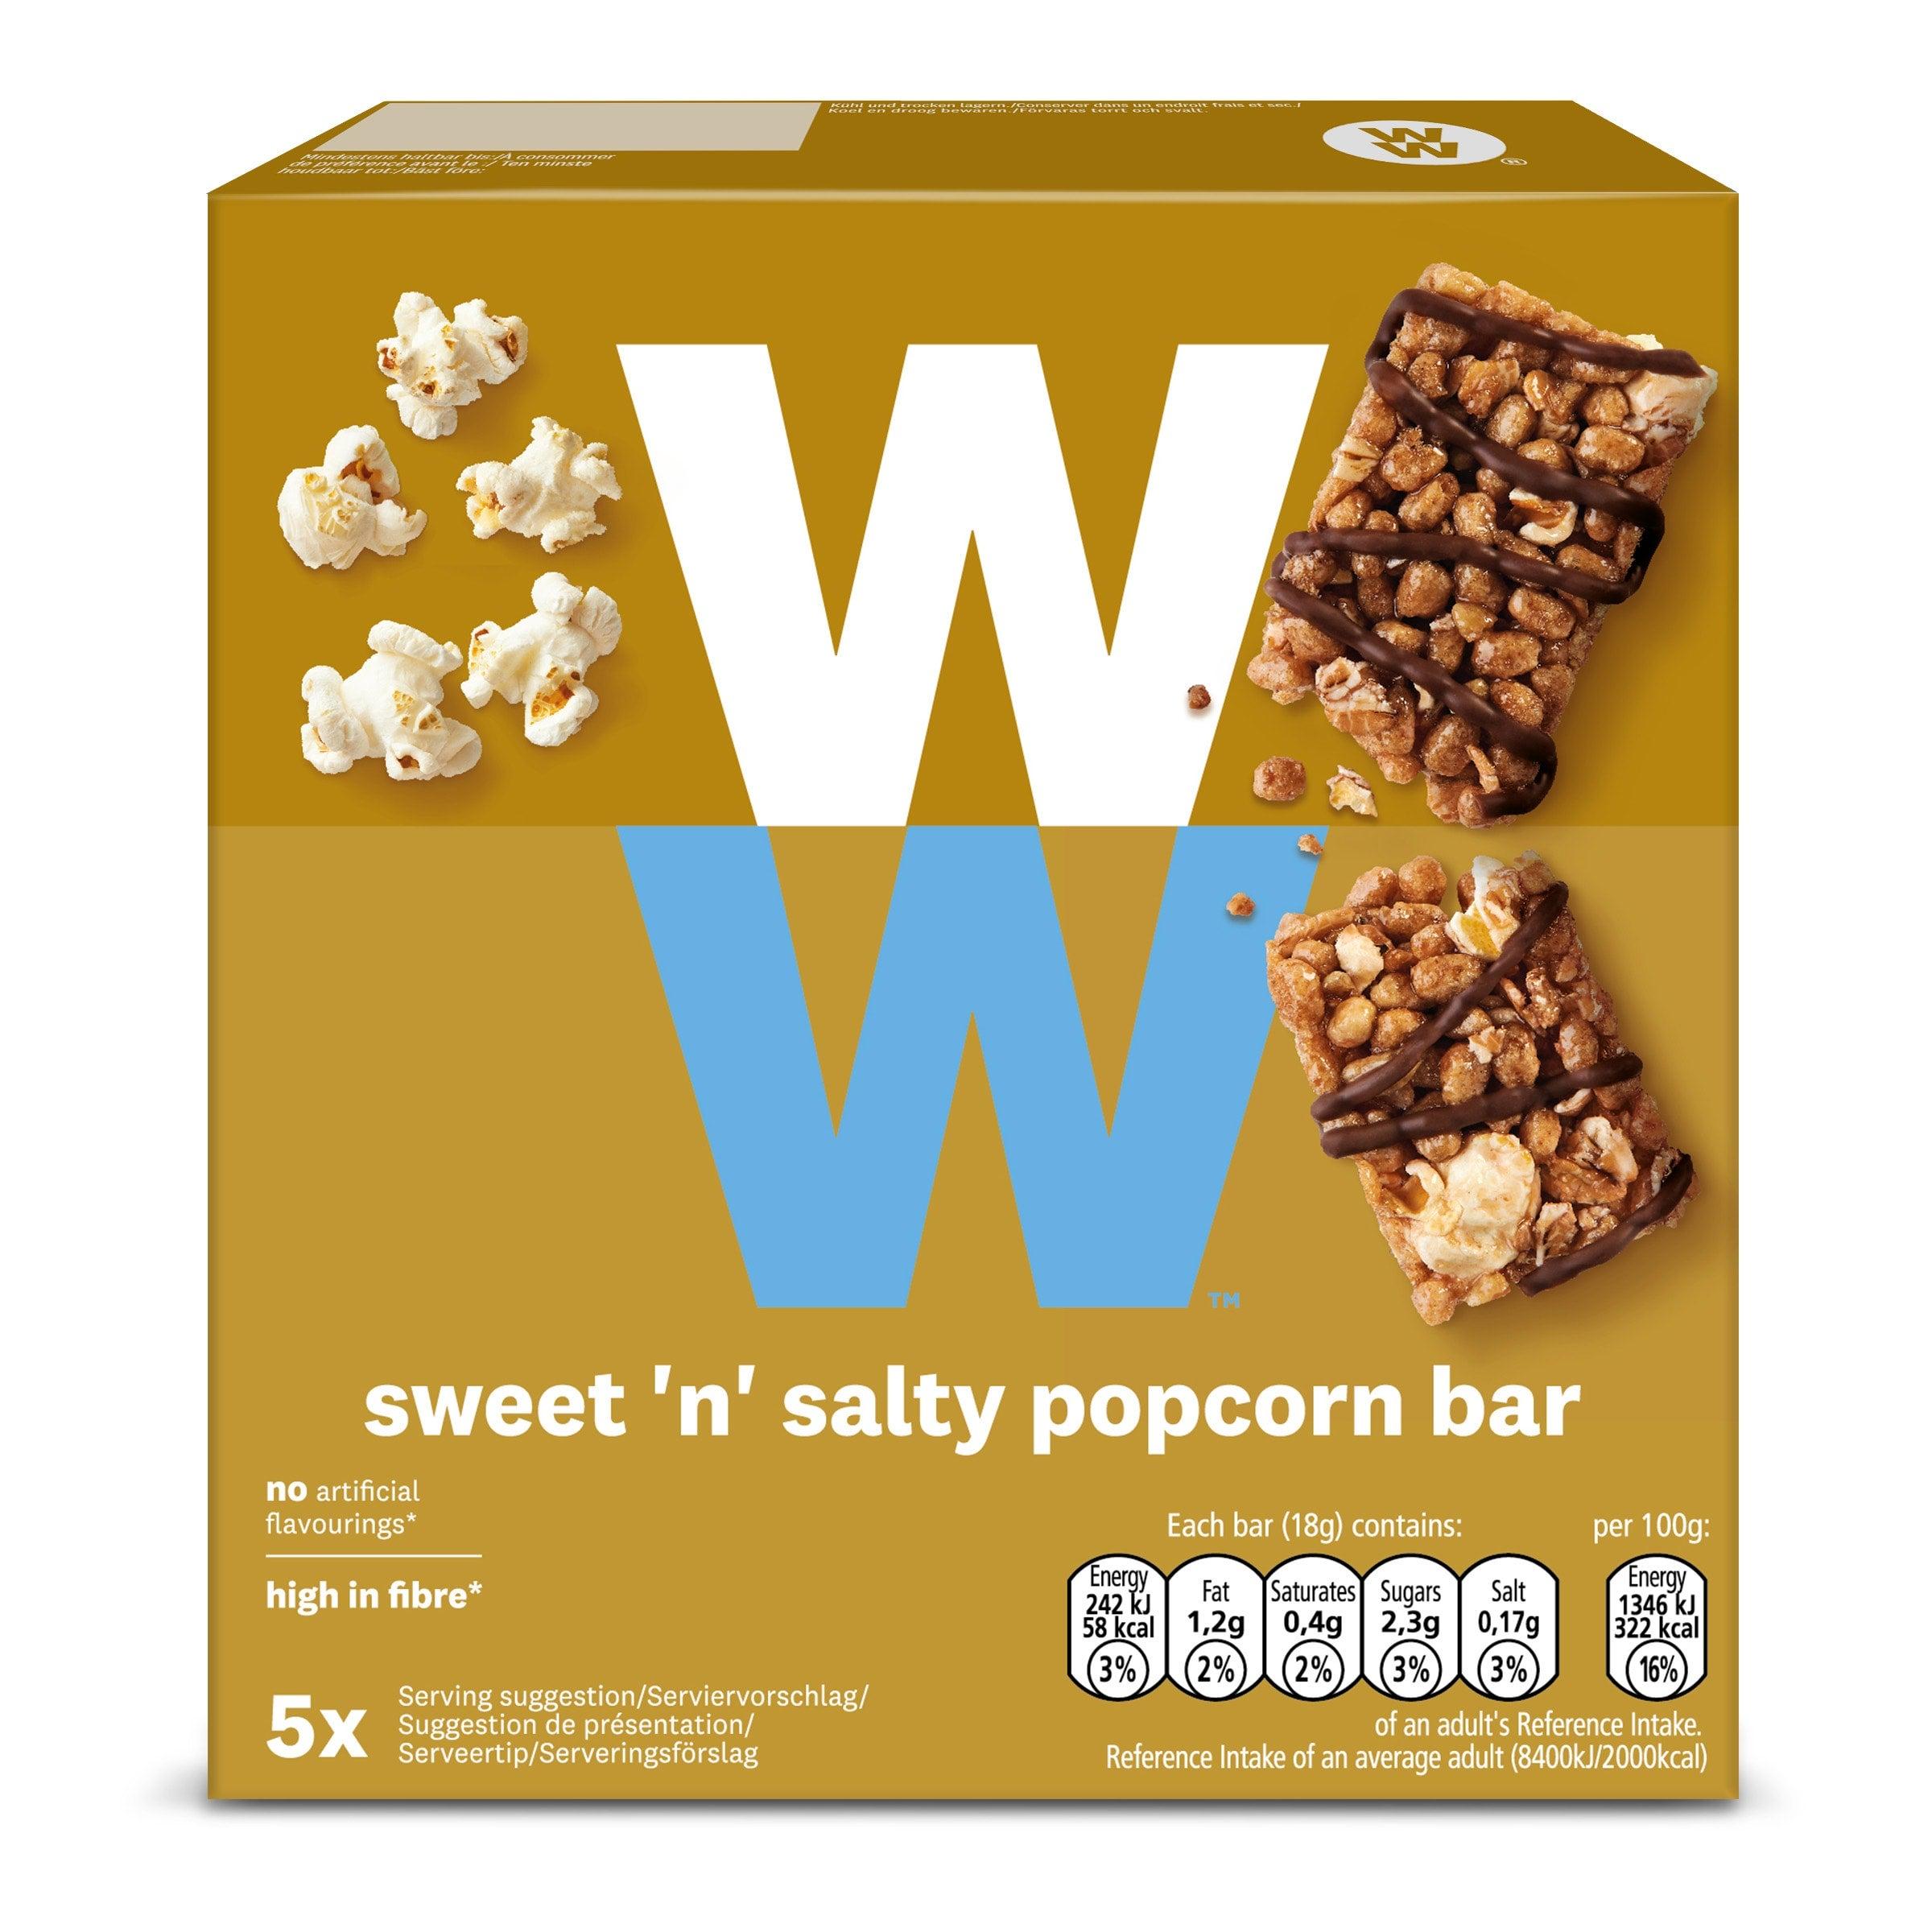 Een verpakking met 5 Sweet & Salty Popcorn Barsvan WW, gemaakt van kanpperige granen, popcorn en een laagje chocolade